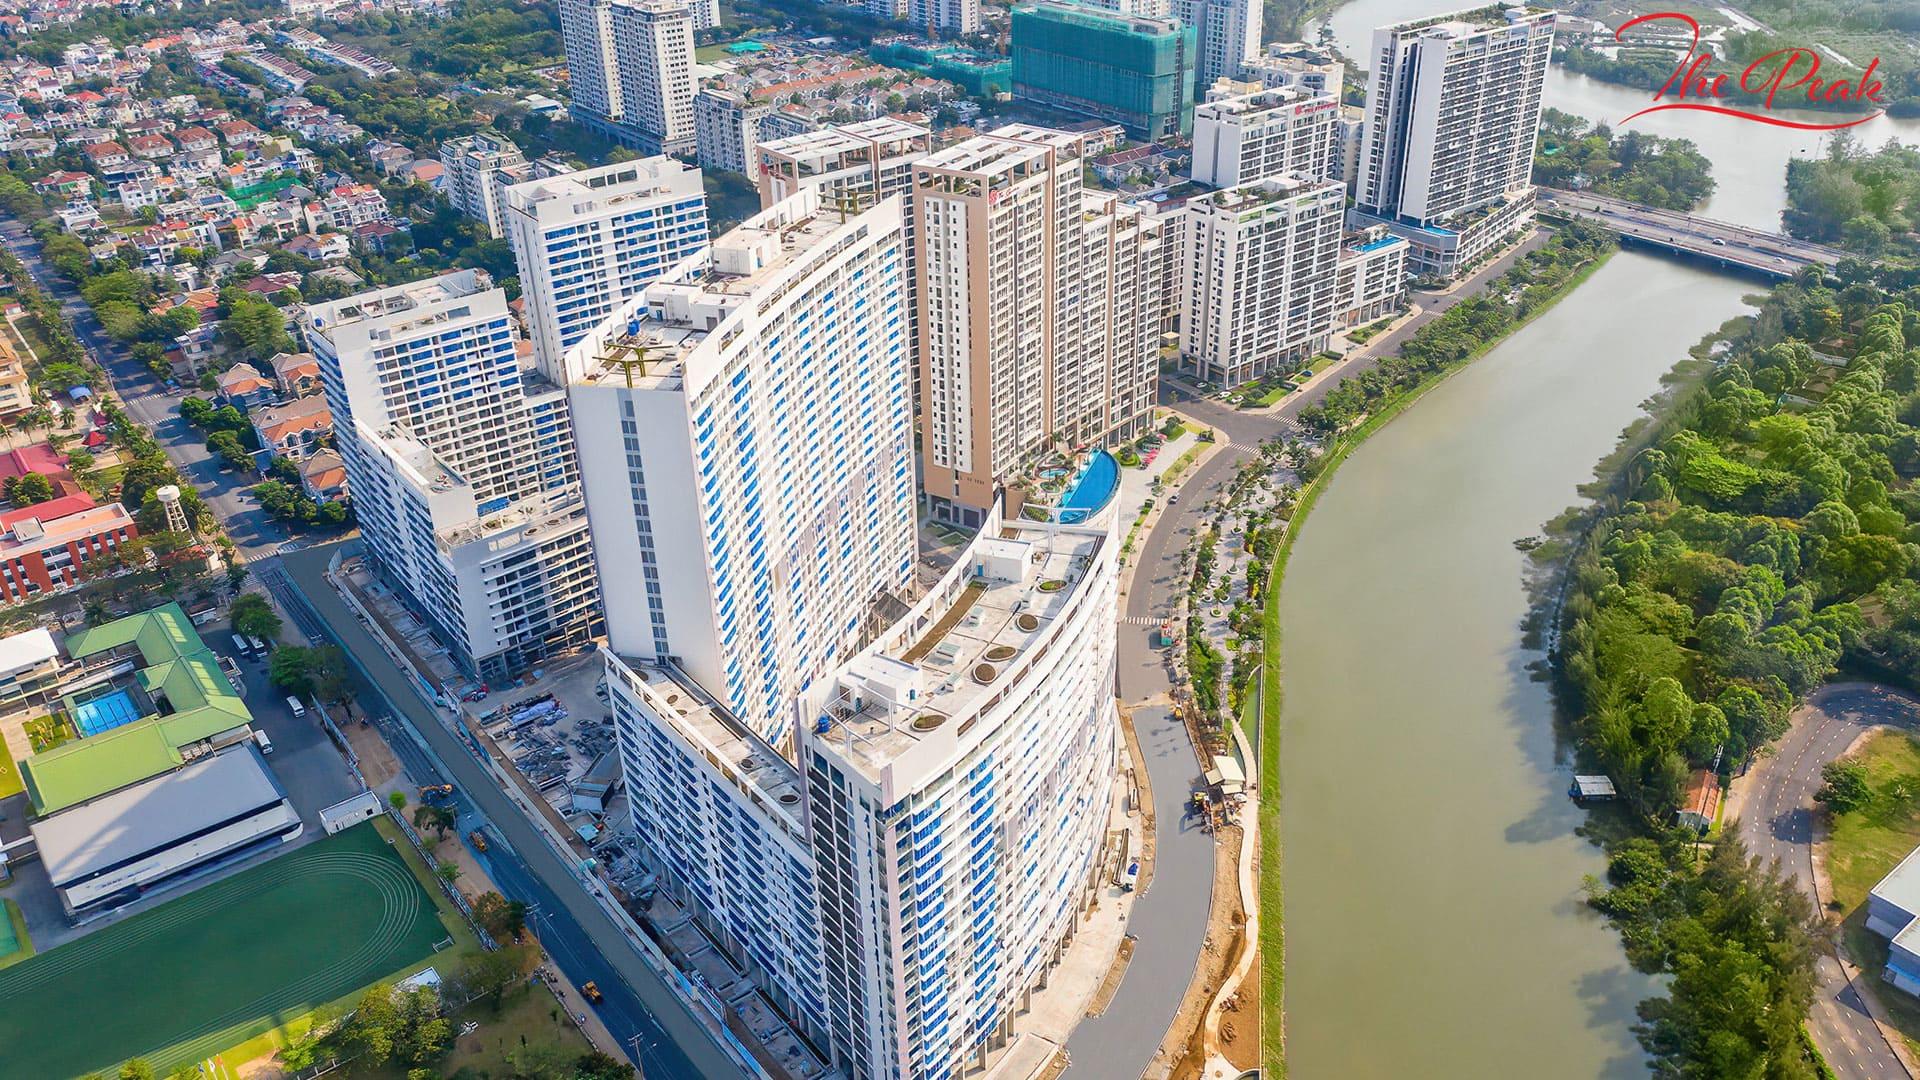 Dự án The Peak thuộc khu phức hợp Midtown tại khu đô thị Phú Mỹ Hưng sẽ được bàn giao vào Quý 4/2021 và Quý 2022.